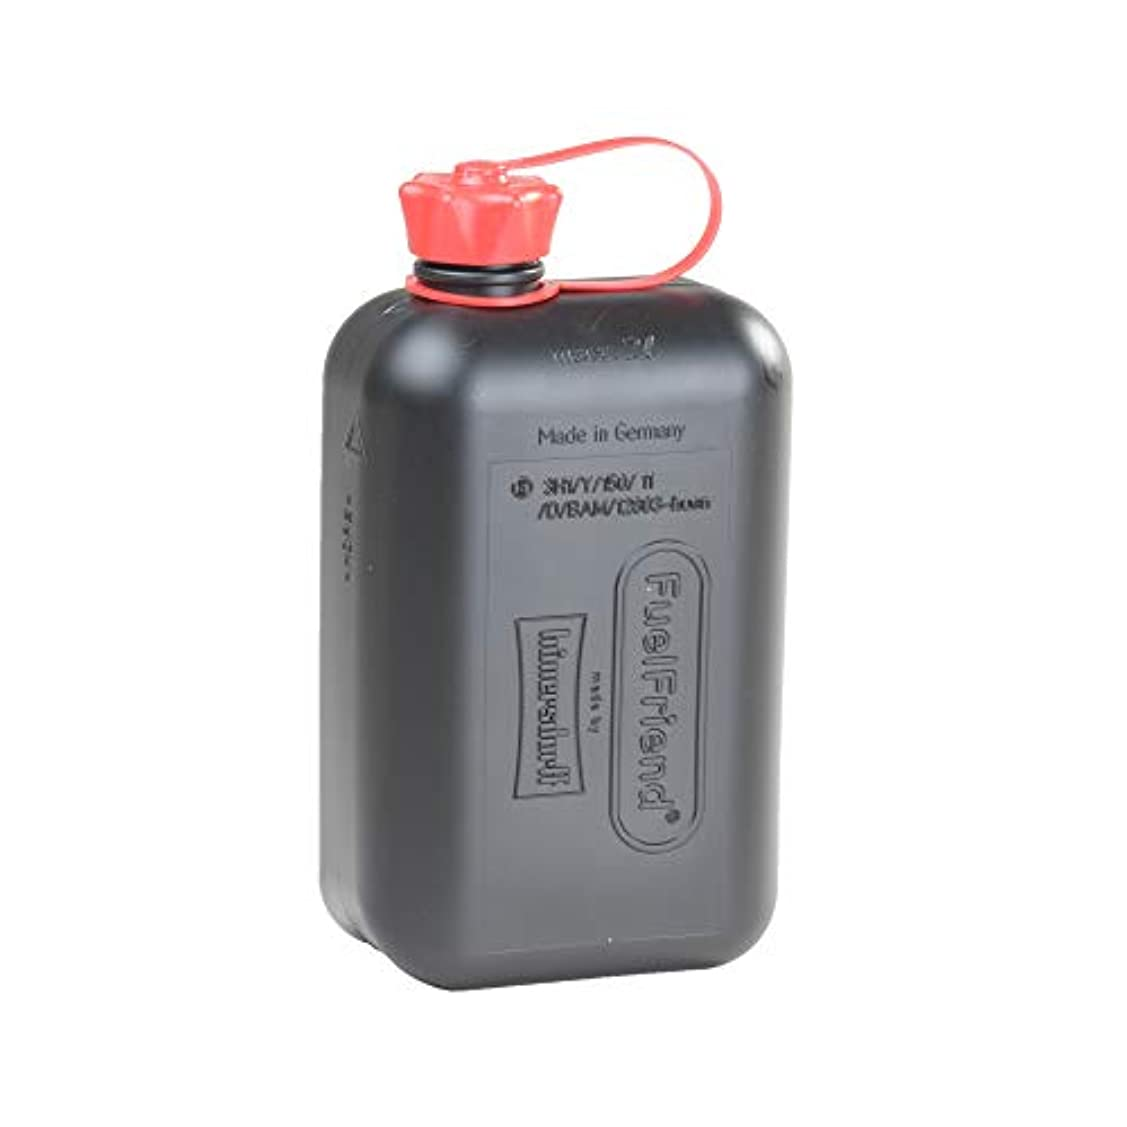 明るい含めるレバーヒューナースドルフ Hunersdorff 燃料タンク [ 安心の正規品 保証&ステッカー付 ]ポリタンク フューエルカンフレンド 2L ウォータータンク 燃料 ホワイトガソリン 灯油 タンク キャニスター キャンプ (black)